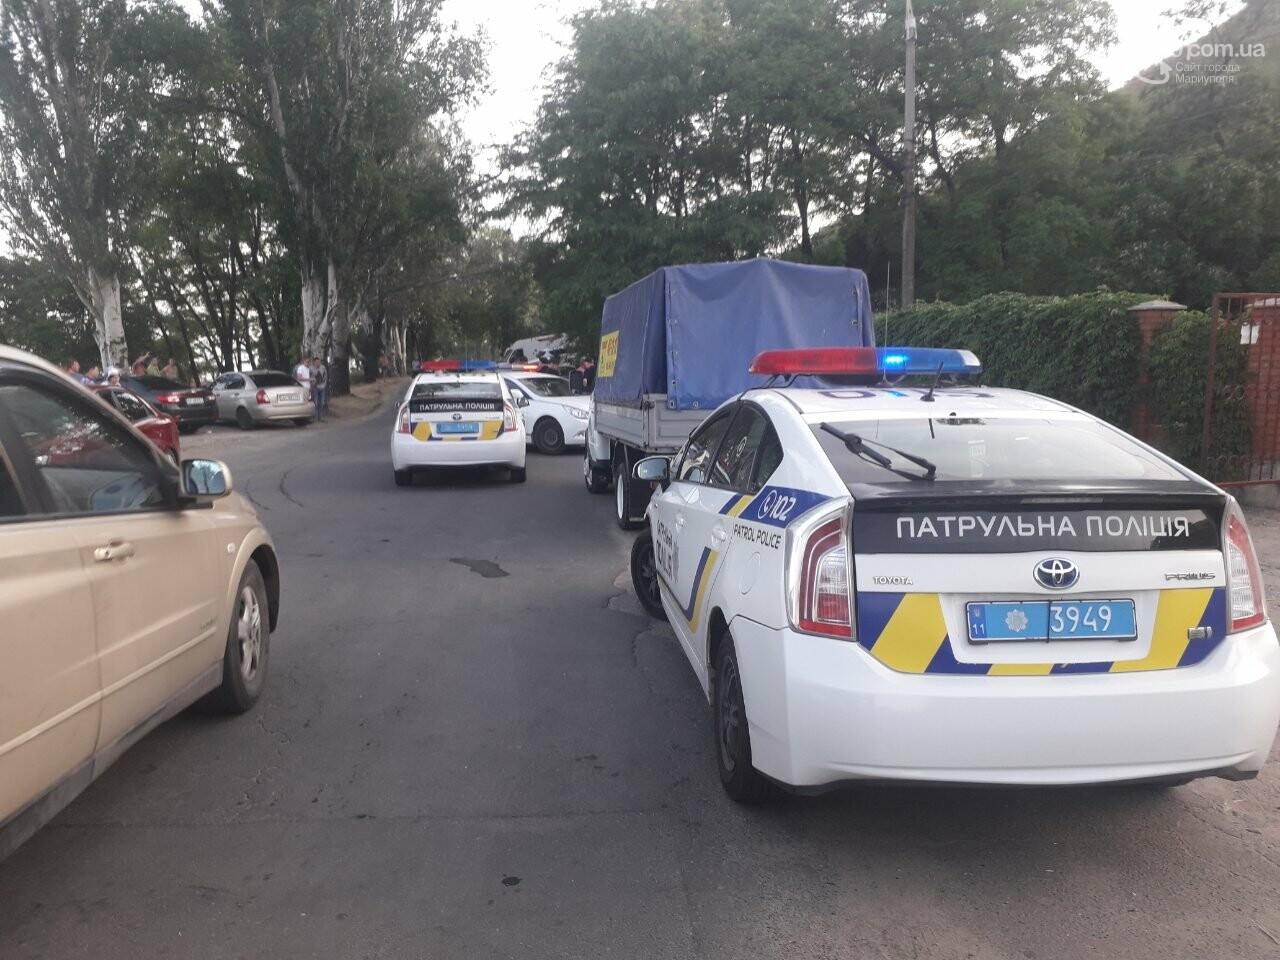 В Мариуполе возле пляжа полицейские уложили лицом в землю трех мужчин, - ВИДЕО, фото-1